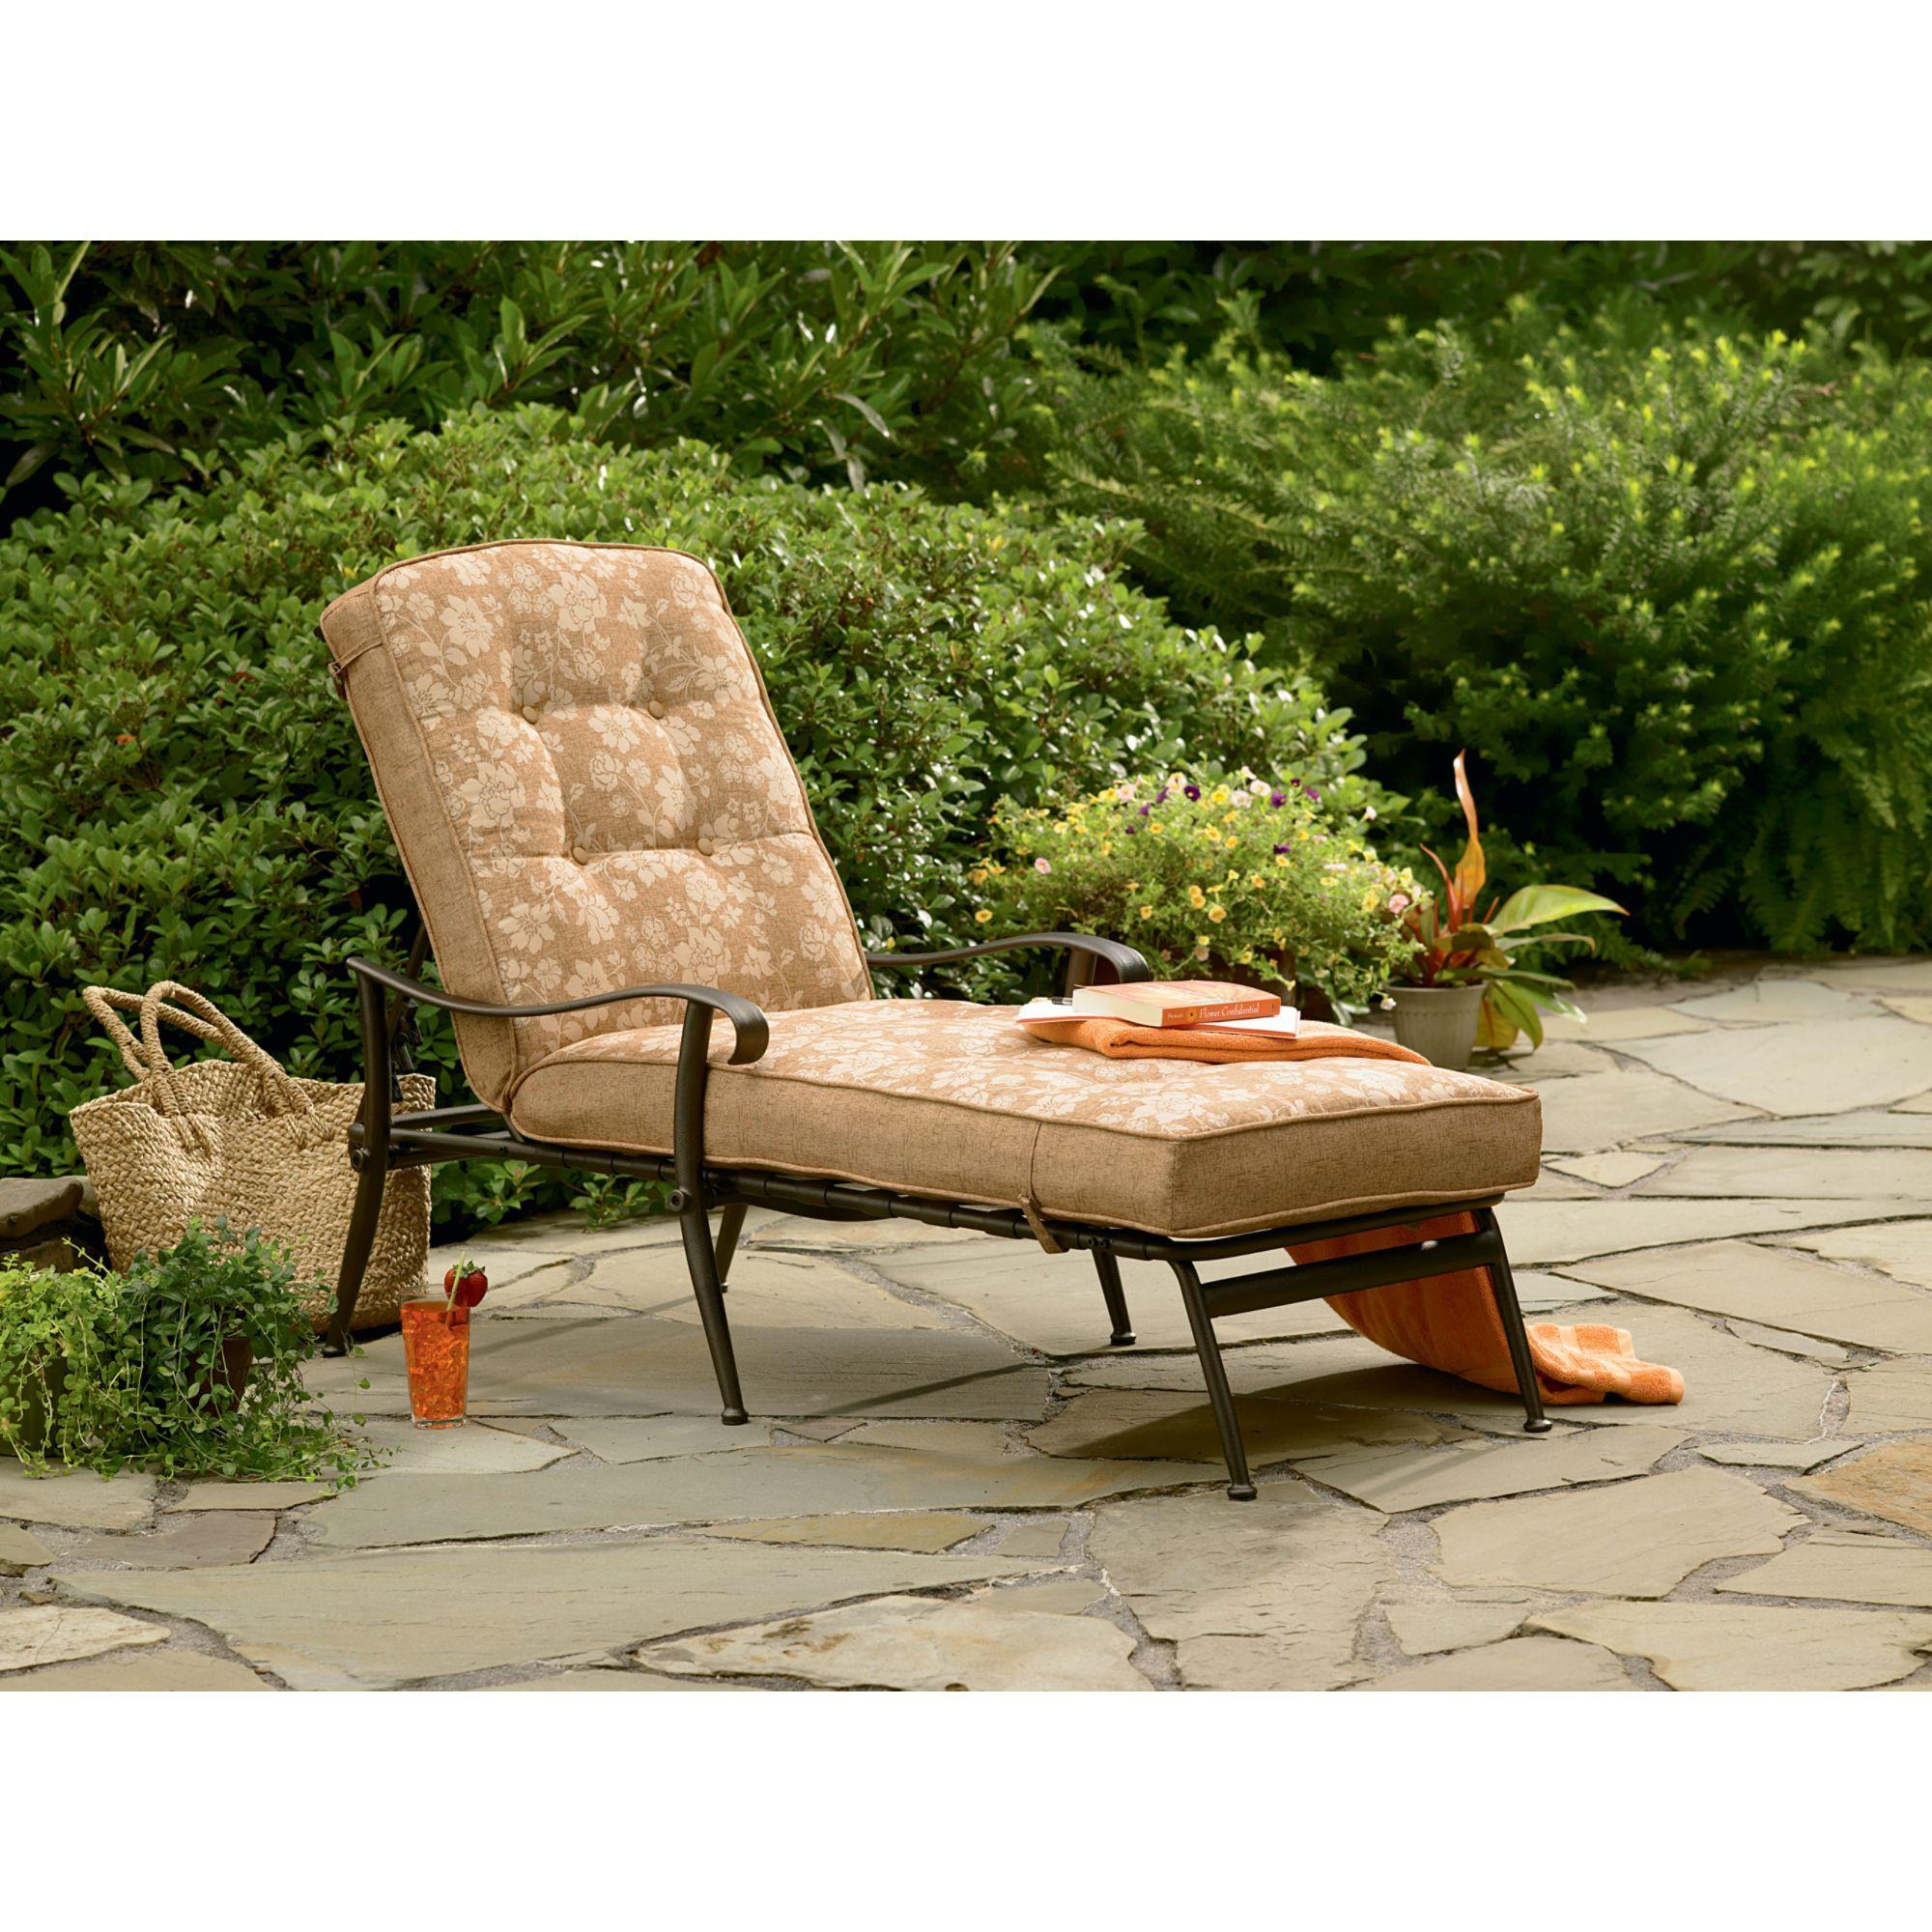 Erfreulich Kissen Patio Stühle Für Die Verschönerung Ihrer